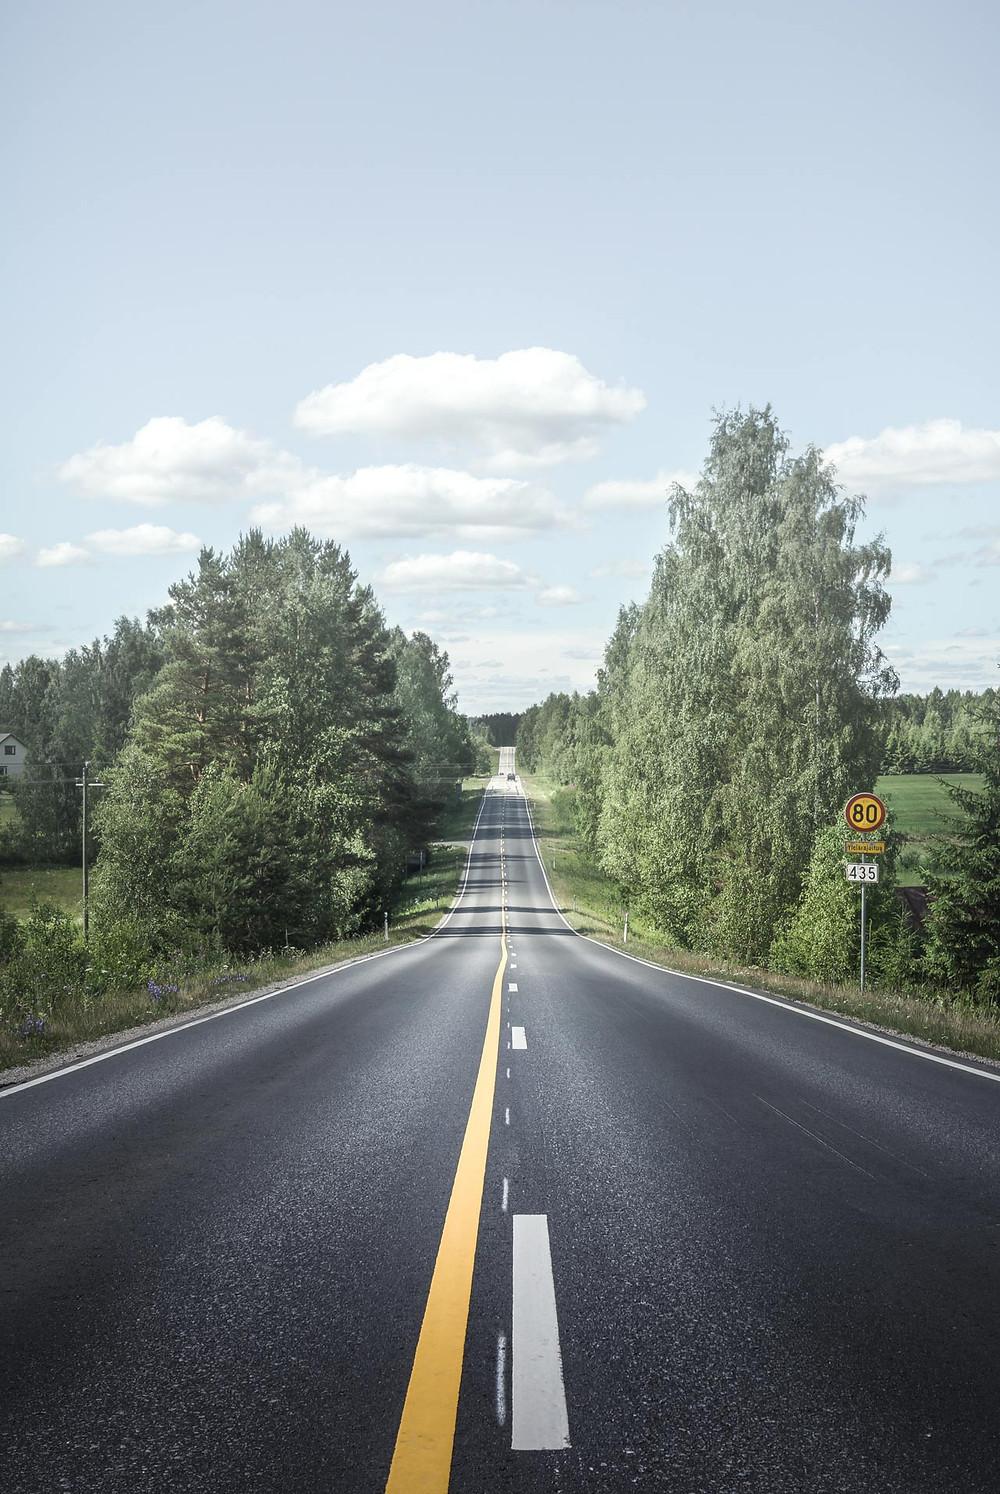 Kuvituskuva suomalaisesta maantiestä kesällä - kuva unsplash.com